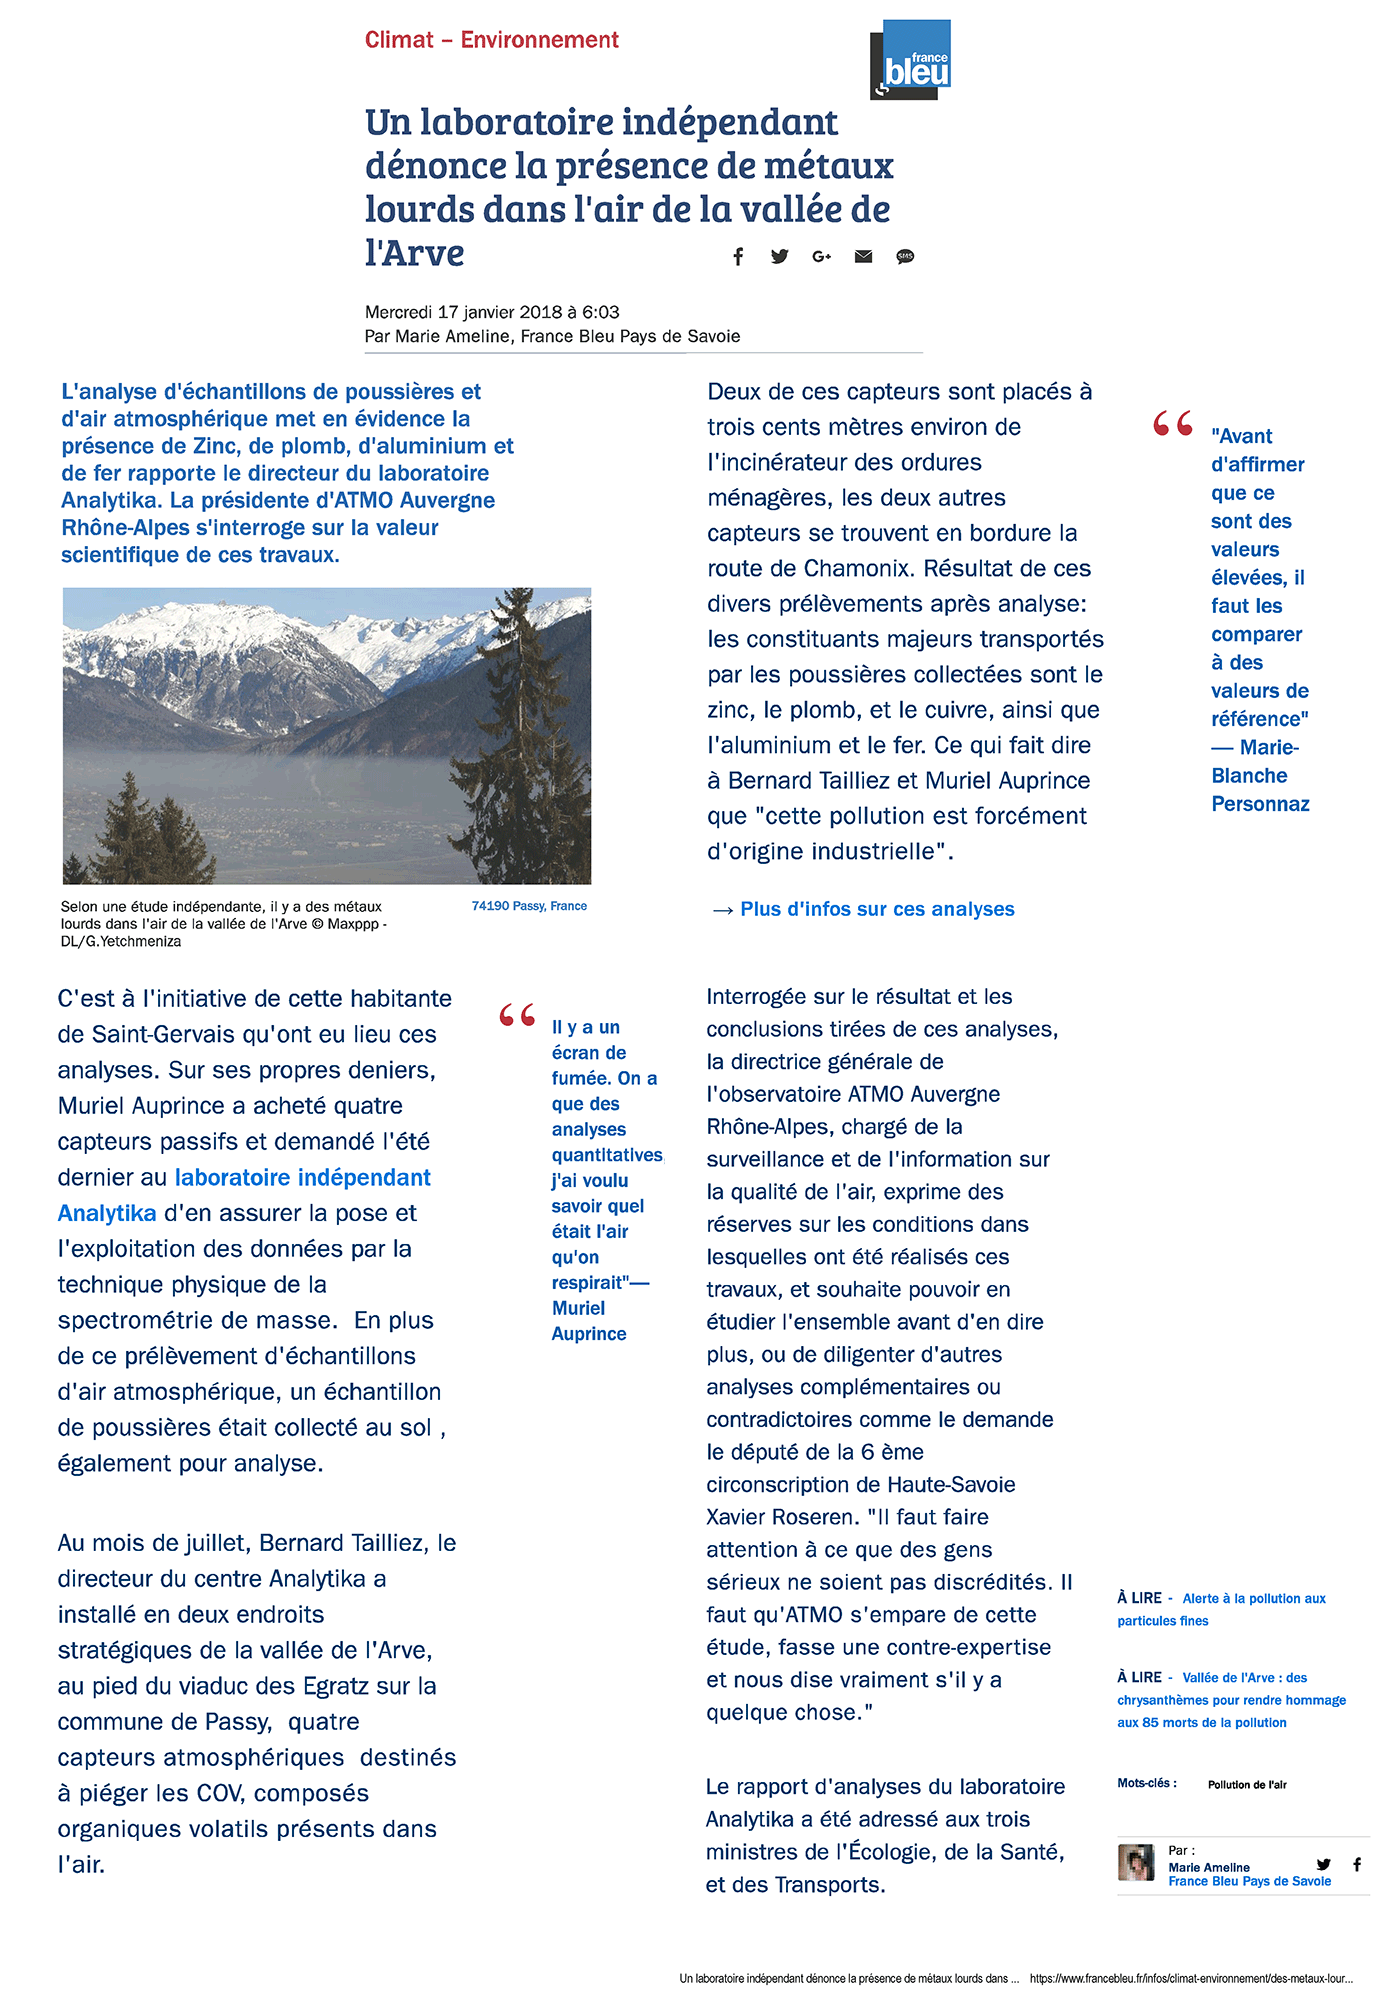 """17.01.2018 > FRANCE BLEU : """"Un laboratoire indépendant dénonce la présence de métaux lourds dans l'air de la vallée de l'Arve"""""""